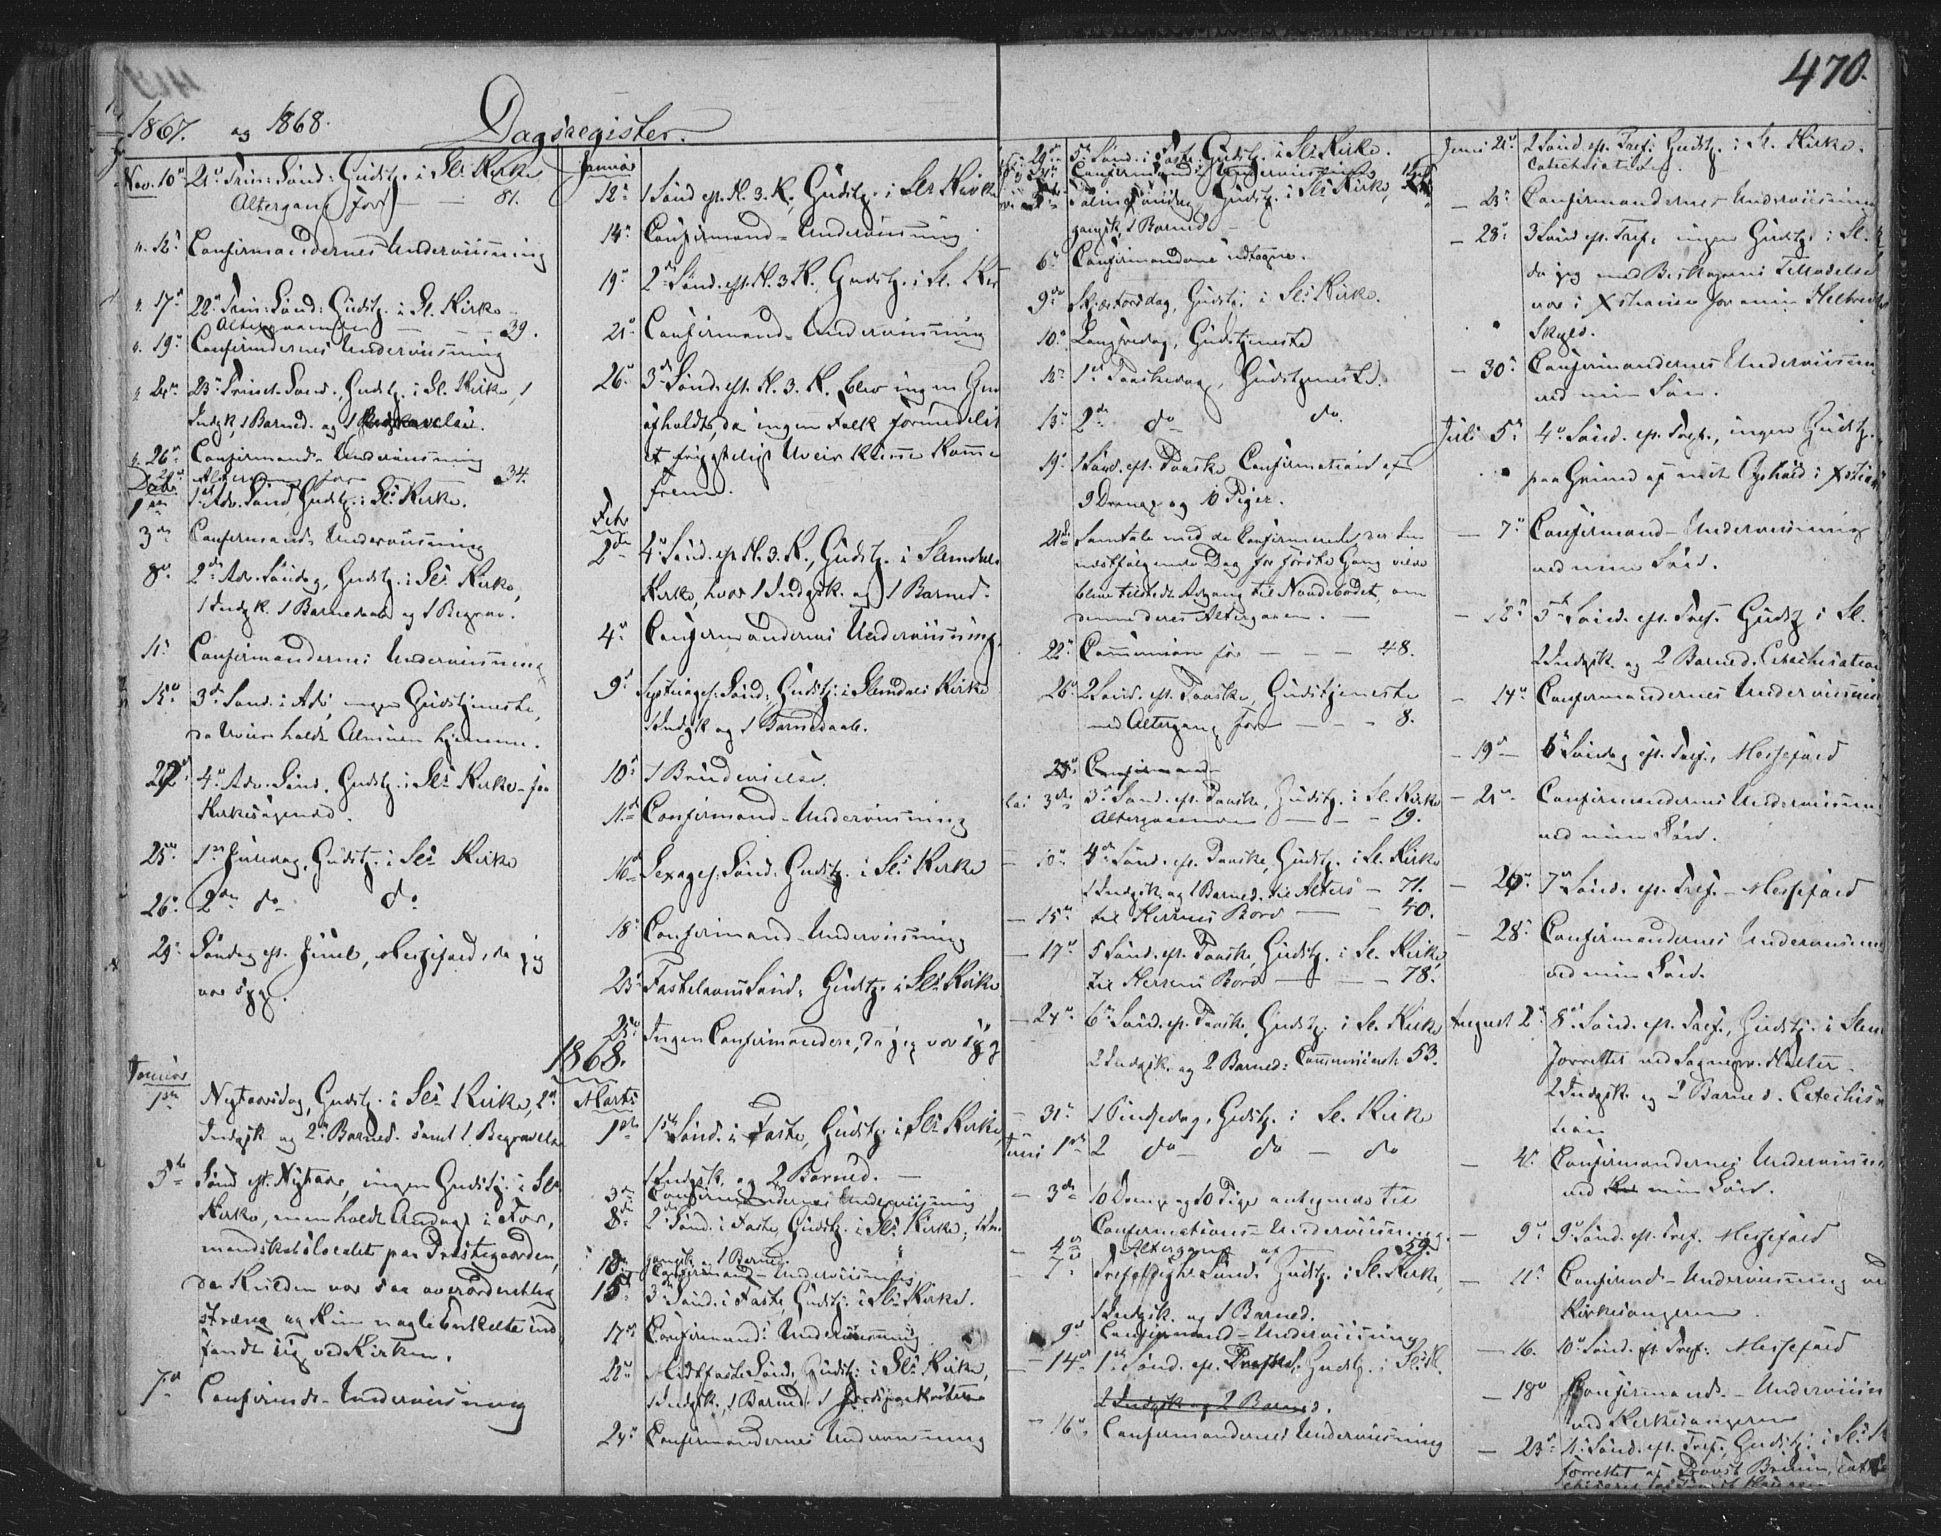 SAKO, Siljan kirkebøker, F/Fa/L0001: Ministerialbok nr. 1, 1831-1870, s. 470